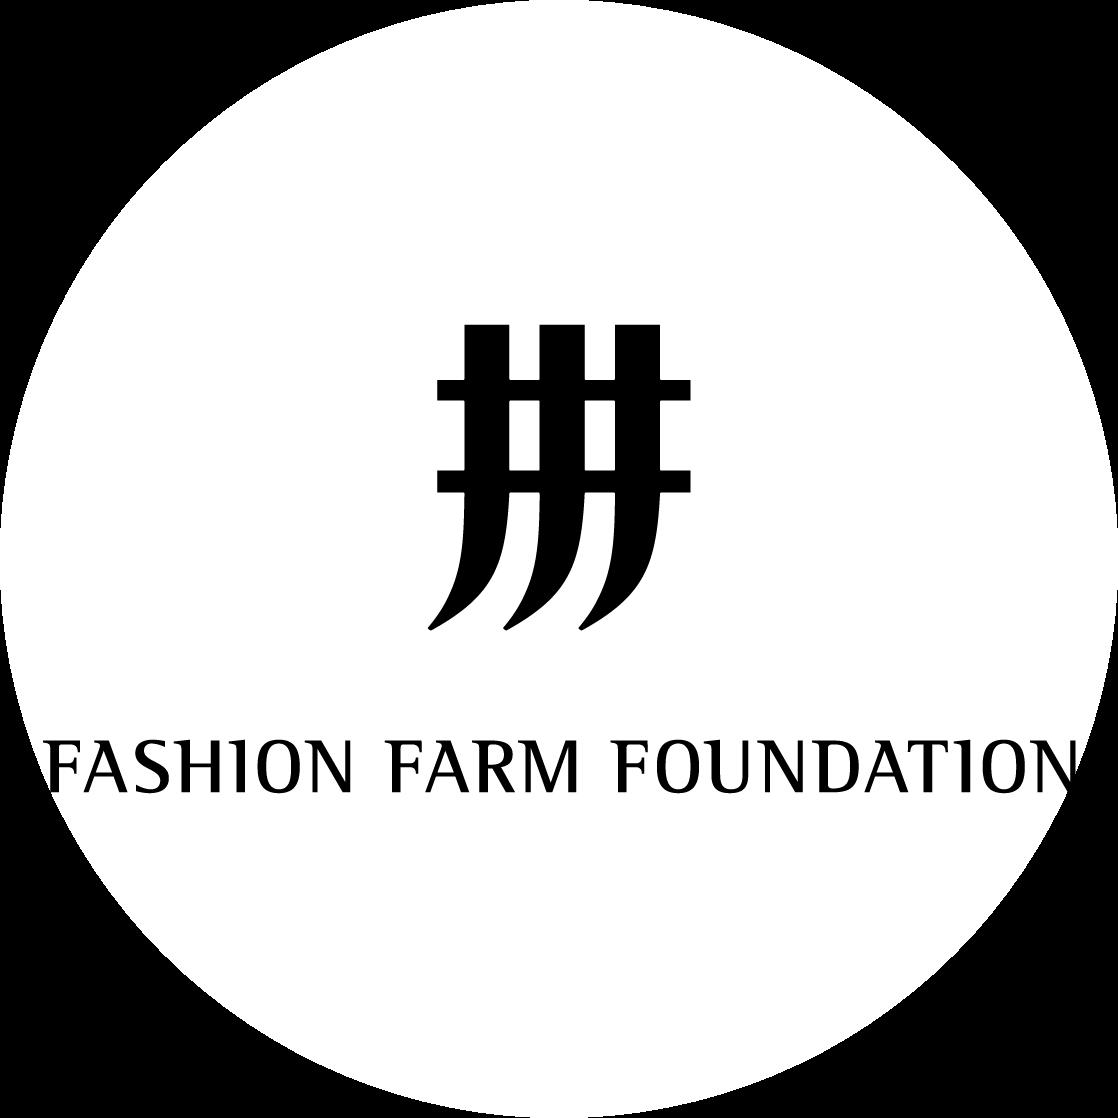 Fashion Farm Foundation